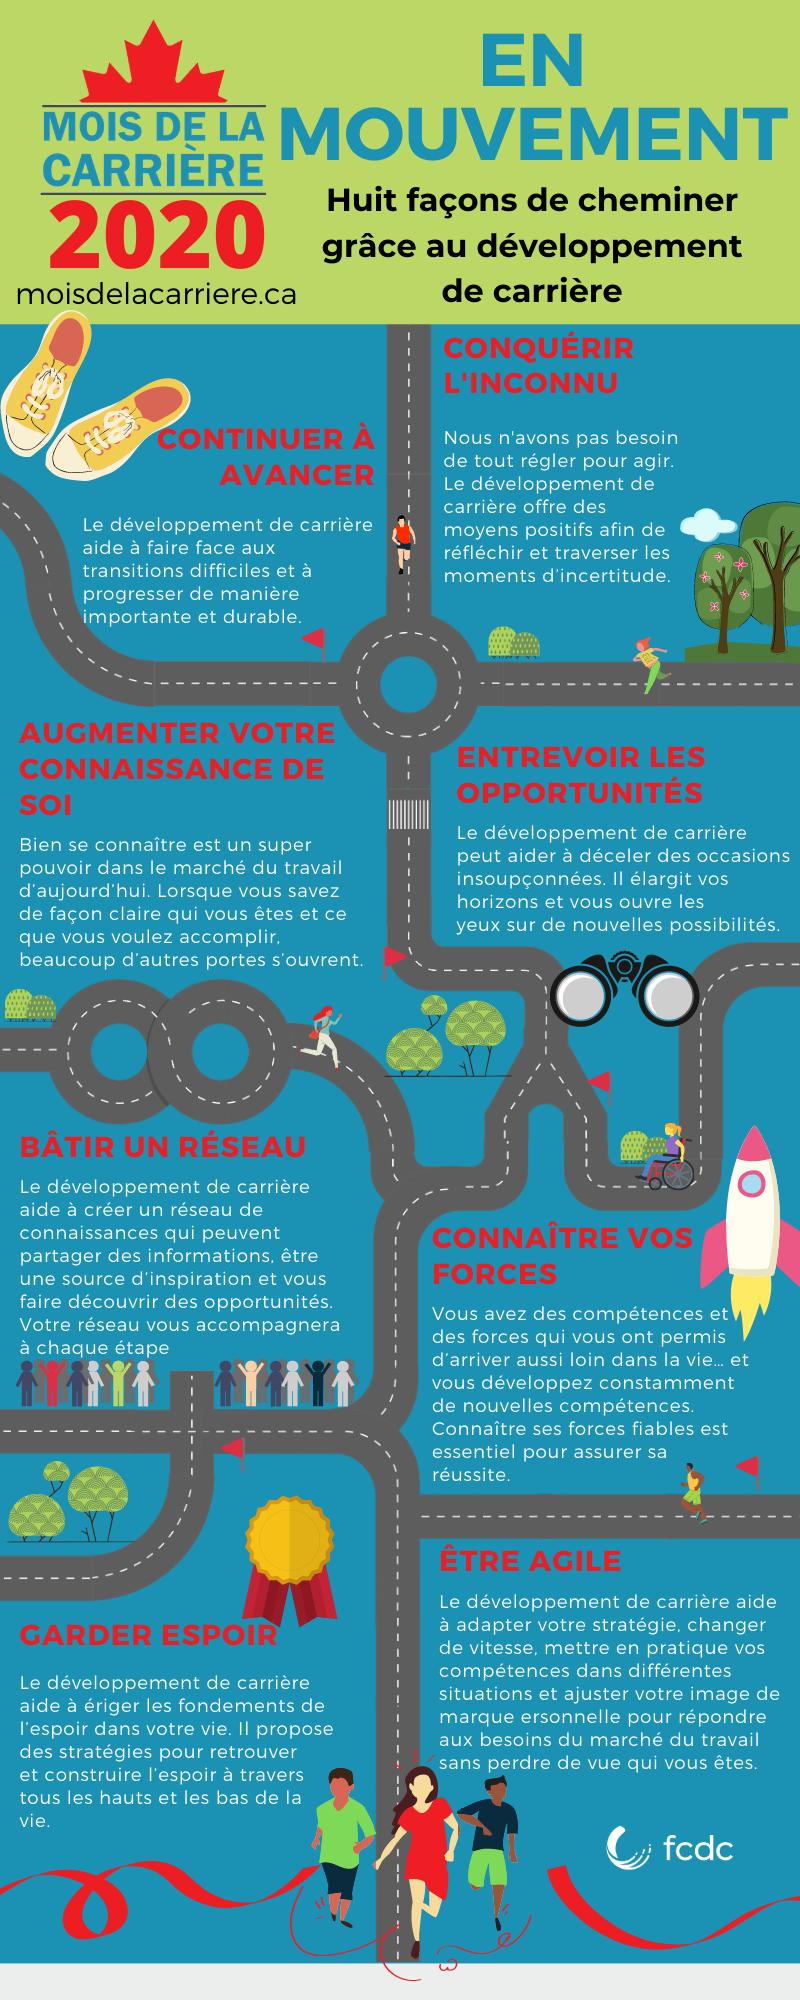 FR-PNG-En-mouvement-infographic